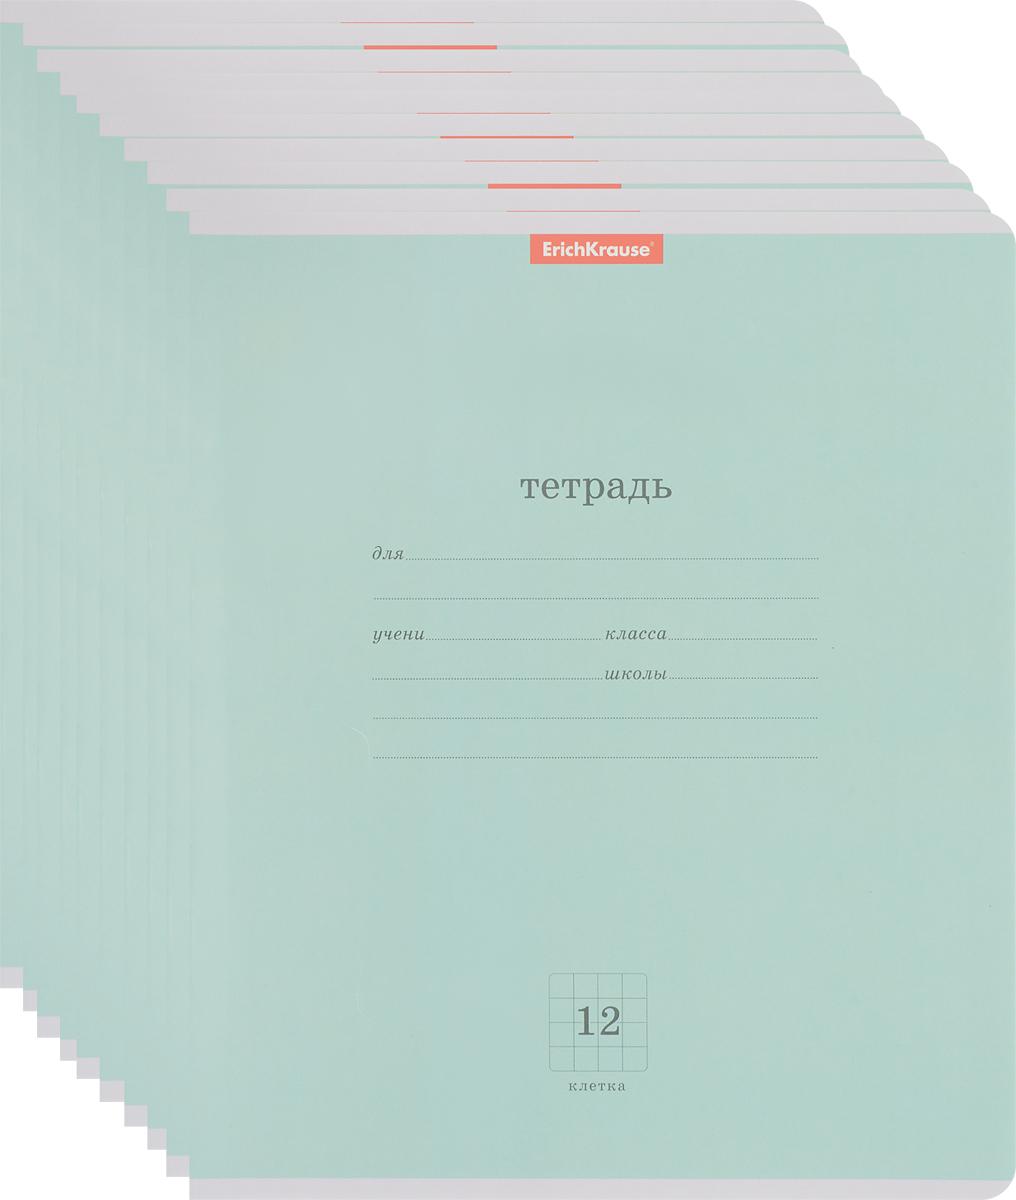 Erich Krause Набор тетрадей Классика 12 листов в клетку 10 шт цвет зеленый 3518435184Тетрадь Erich Krause Классика предназначена для школьников.Обложка тетради выполнена из тонкого гибкого картона с закругленными углами. На обратной стороне обложки представлено перевод мер длины, площади, объема, массы и таблица умноженияВнутренний блок тетради состоит из 12 листов белой бумаги на металлических скрепках в клетку с красными полями. В наборе 10 тетрадей.